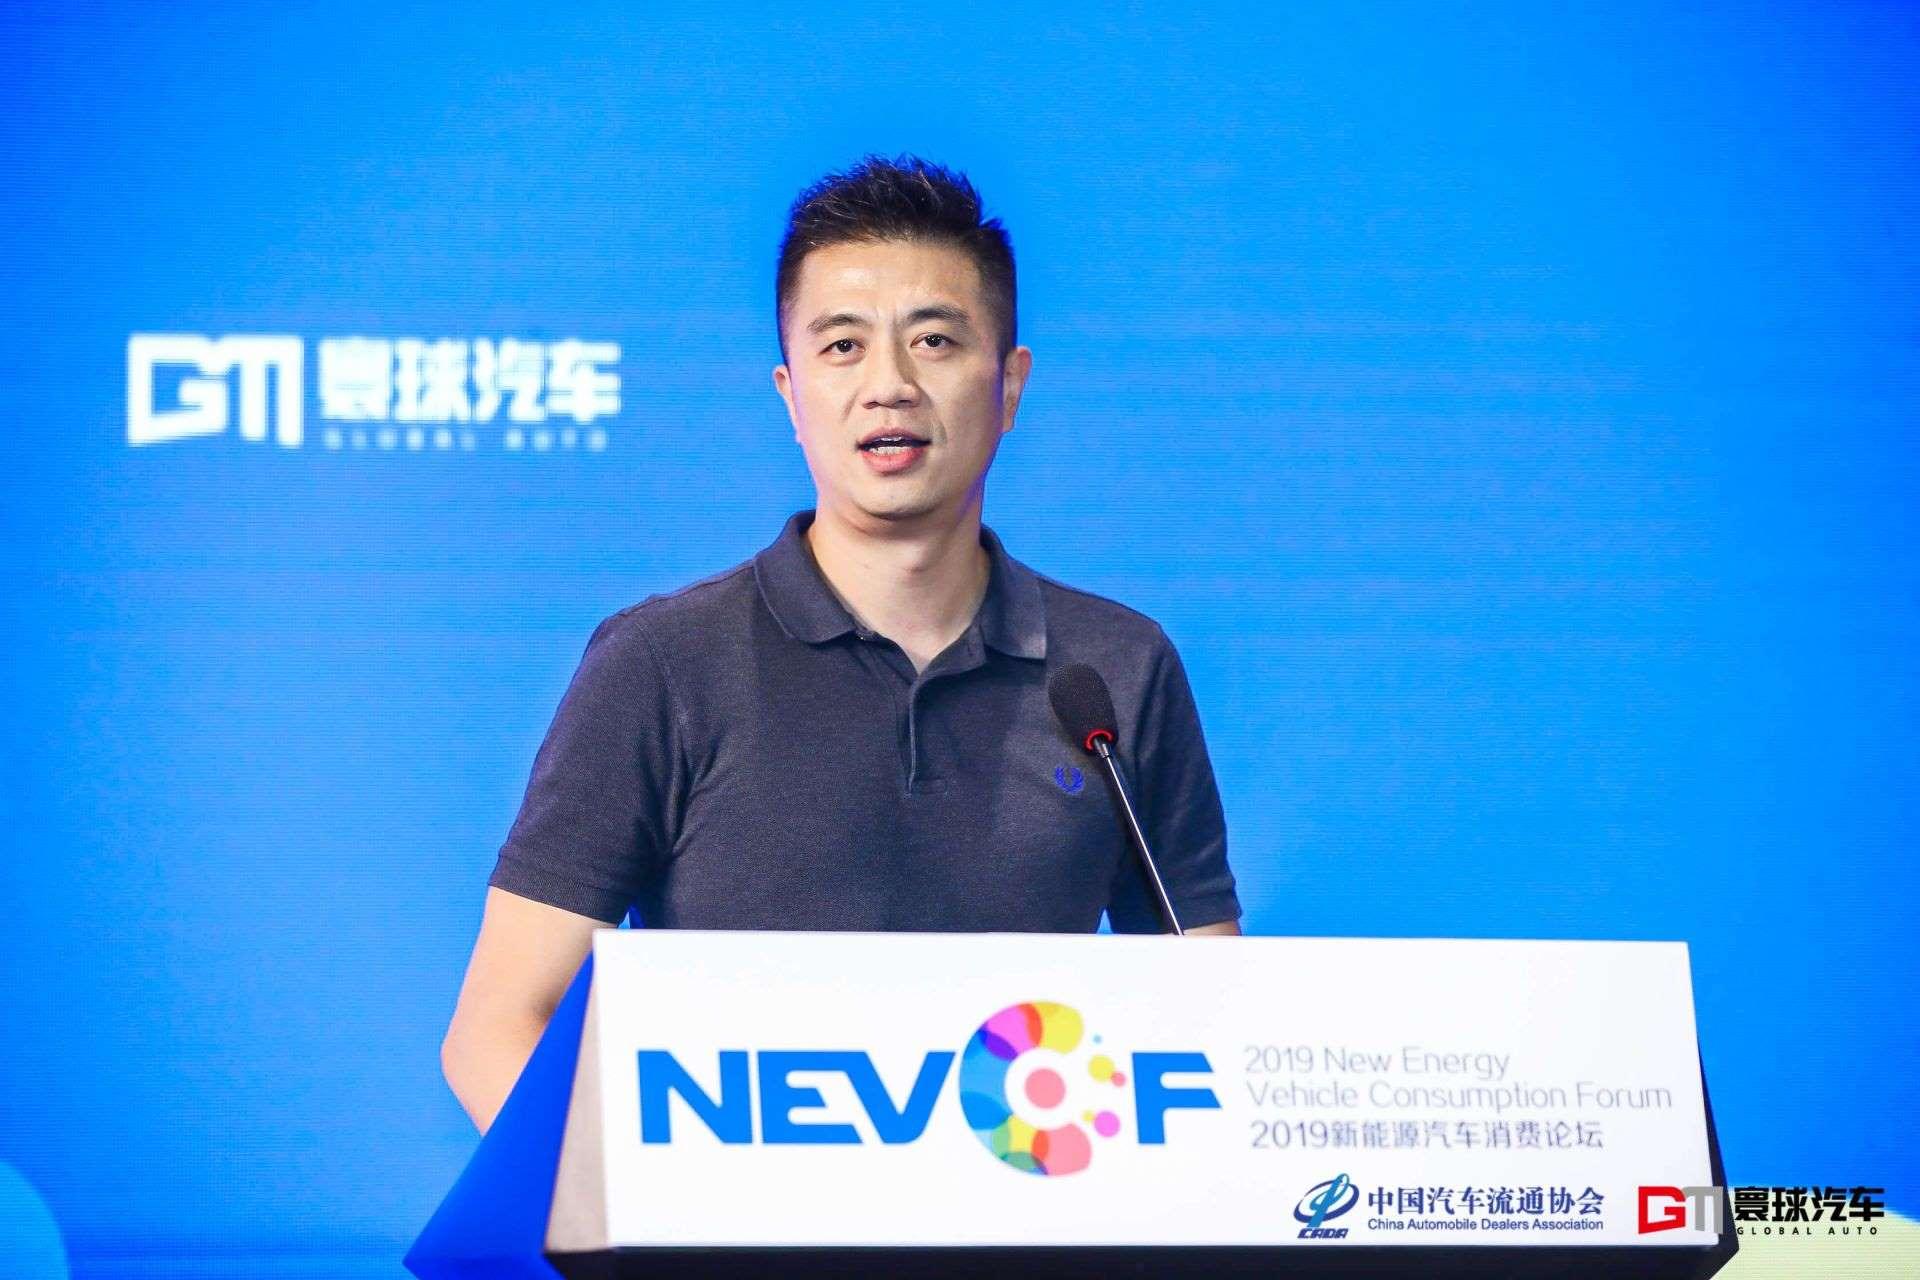 庆岩:大数据可为新能源车企提供精准分析营销